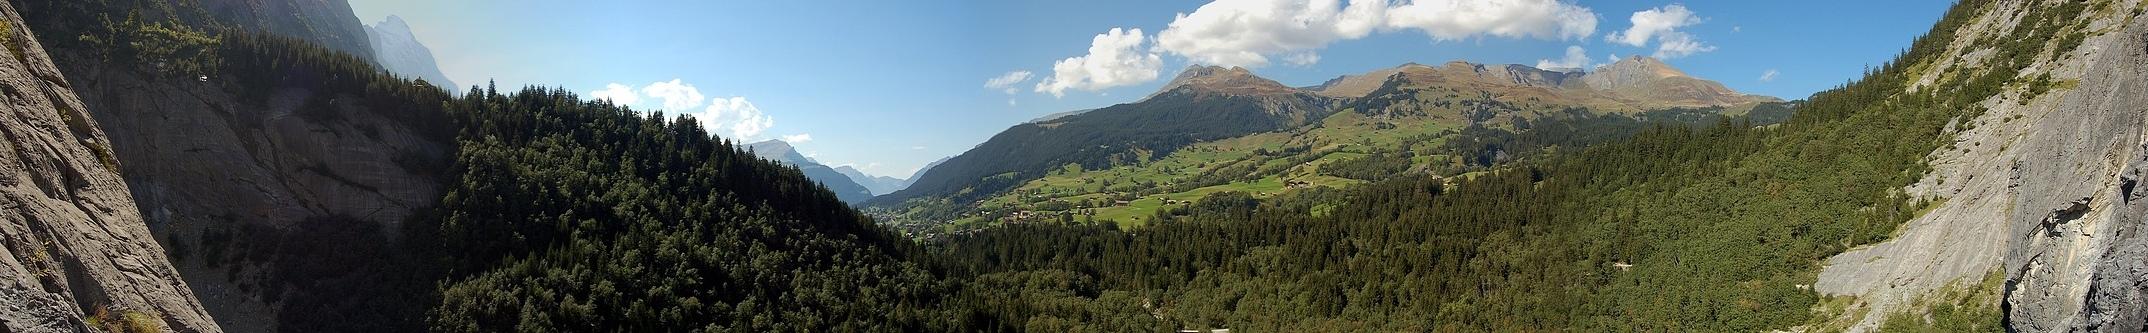 Grindelwald vom Oberen Gletscher